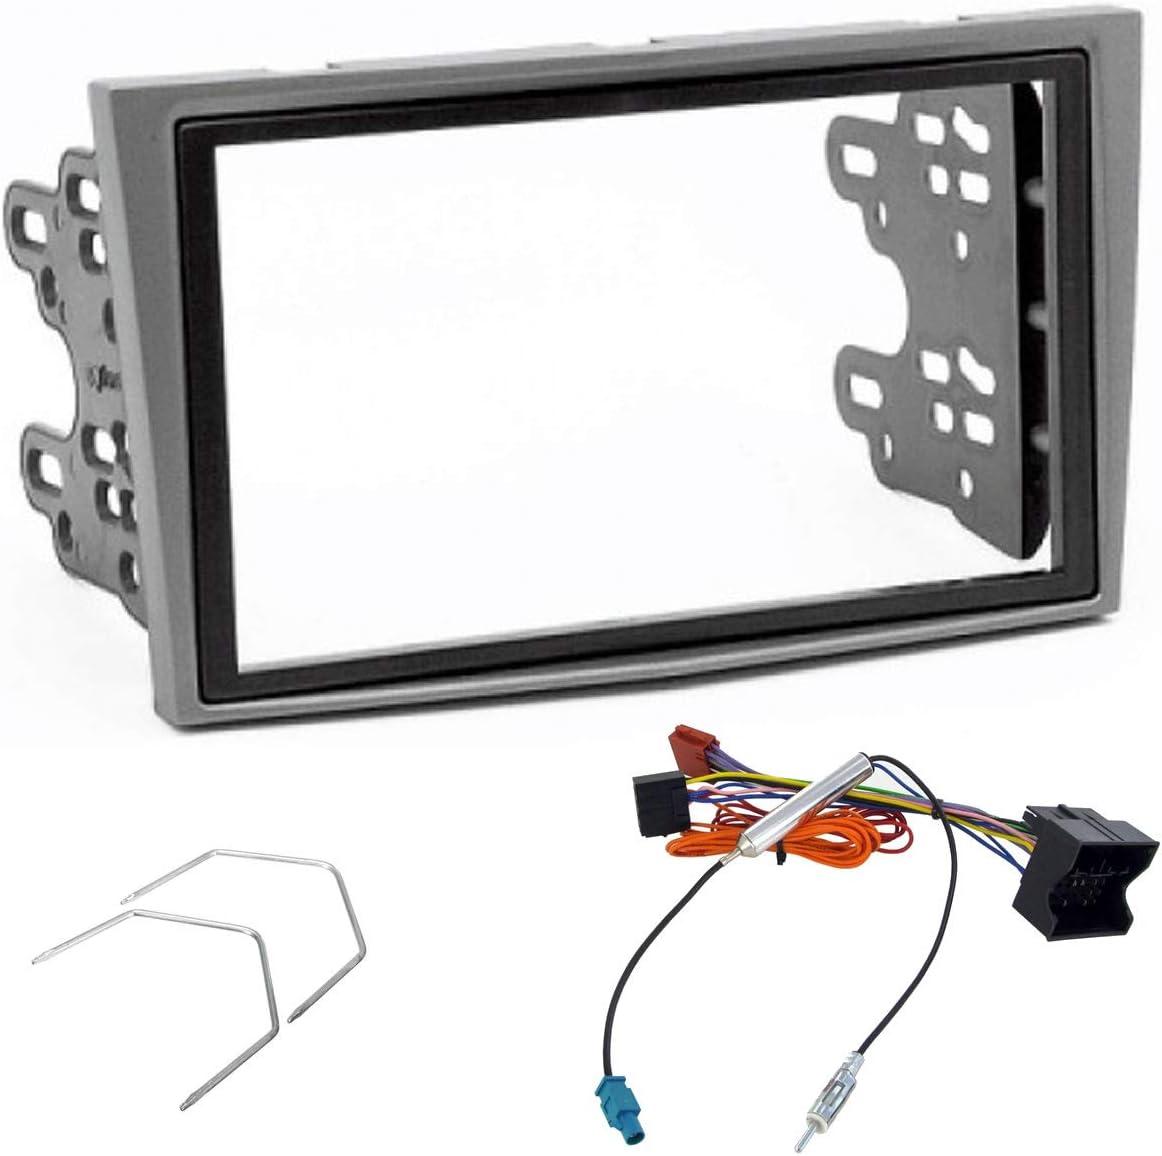 Sound-way Kit Montaje Autoradio, Marco 2 DIN Radio para Coche, Adaptador Antena, Llaves Desmontaje, Cable Adaptador Conector ISO, Compatible con Opel ...